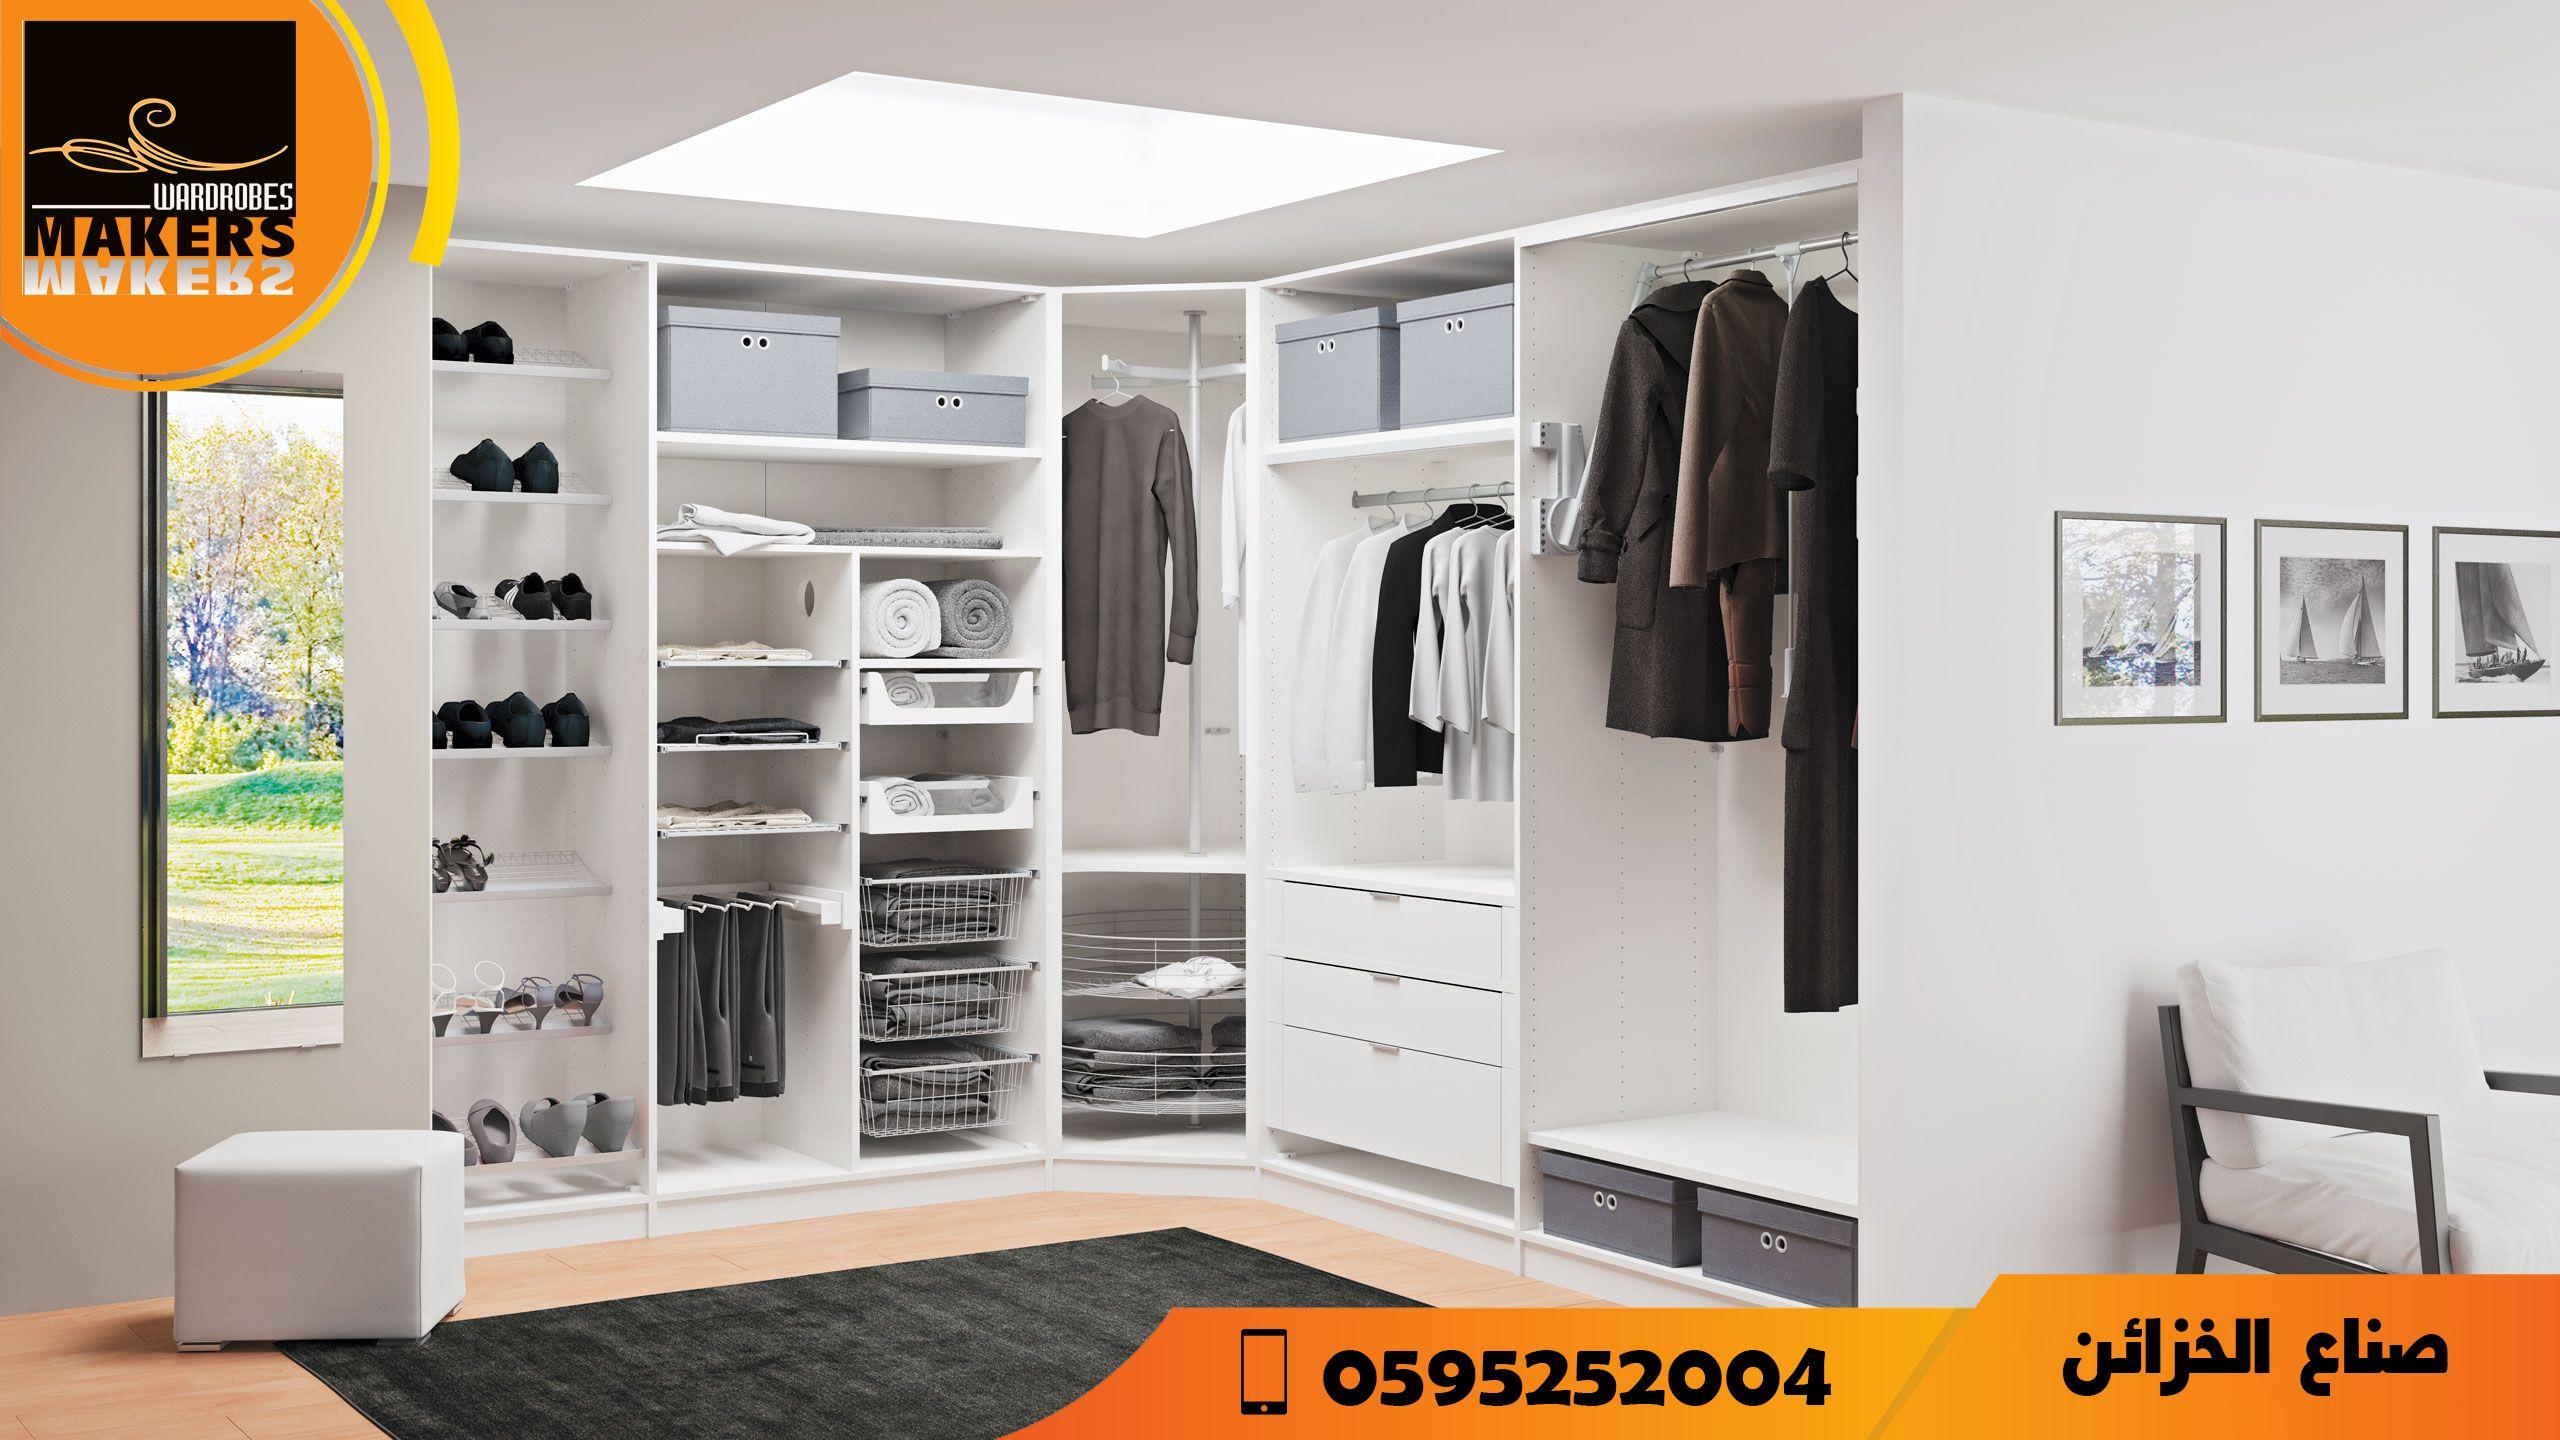 فكرة جميلة لخزانة ملابس زاوية باستخدام الموارد الجيدة والتصميم المثالى لوحدات التخزين يمكن الوصول الى هذه الخزانة ال Home Decor Bedroom Design Inspiration Home